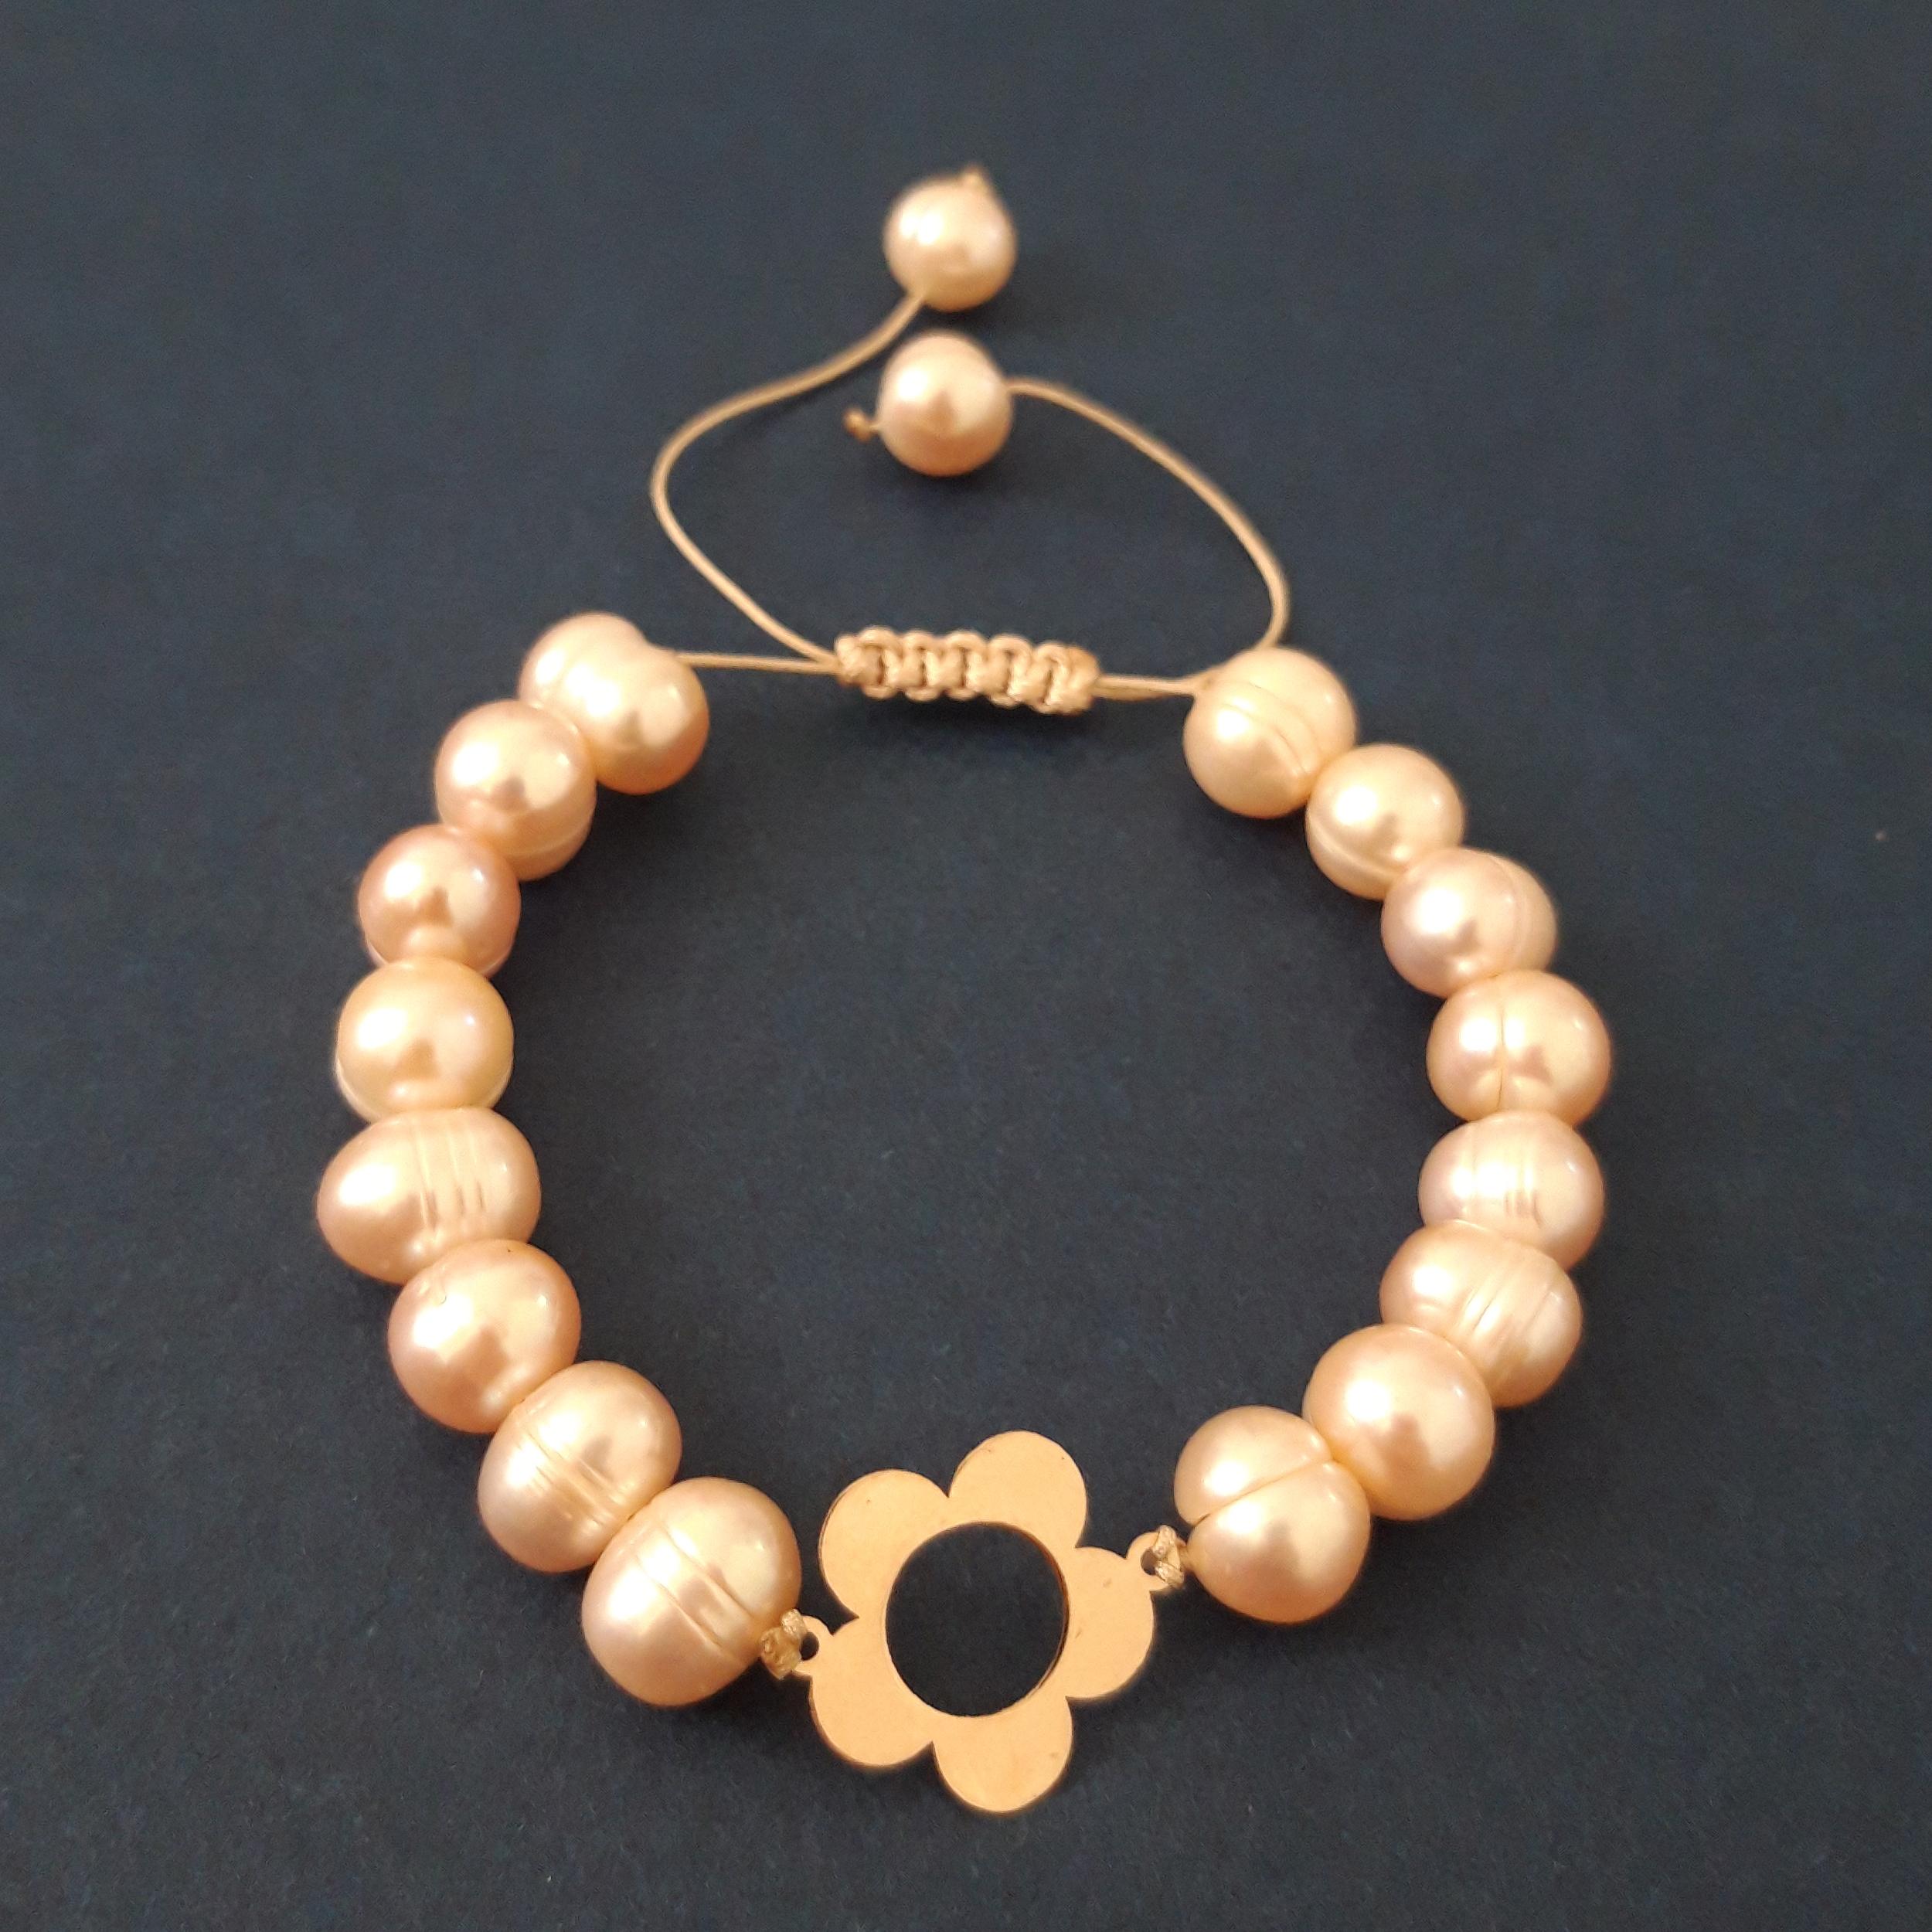 دستبند طلا 18 عیار زنانه الماسین آذر طرح گل مدل Gol02